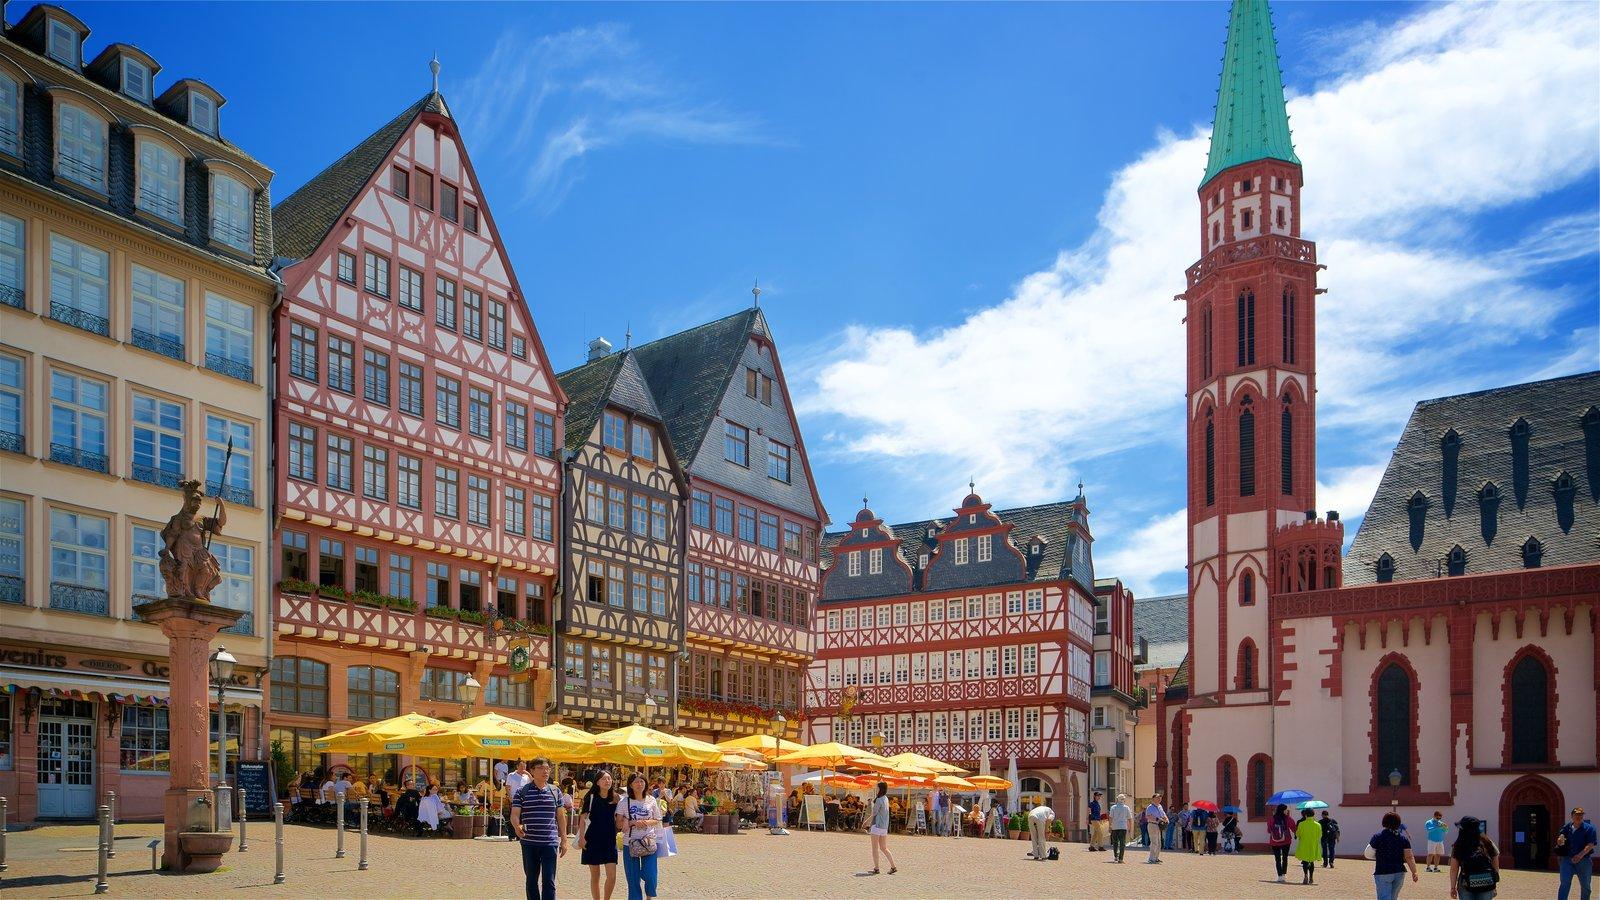 Kết quả hình ảnh cho römerberg plaza